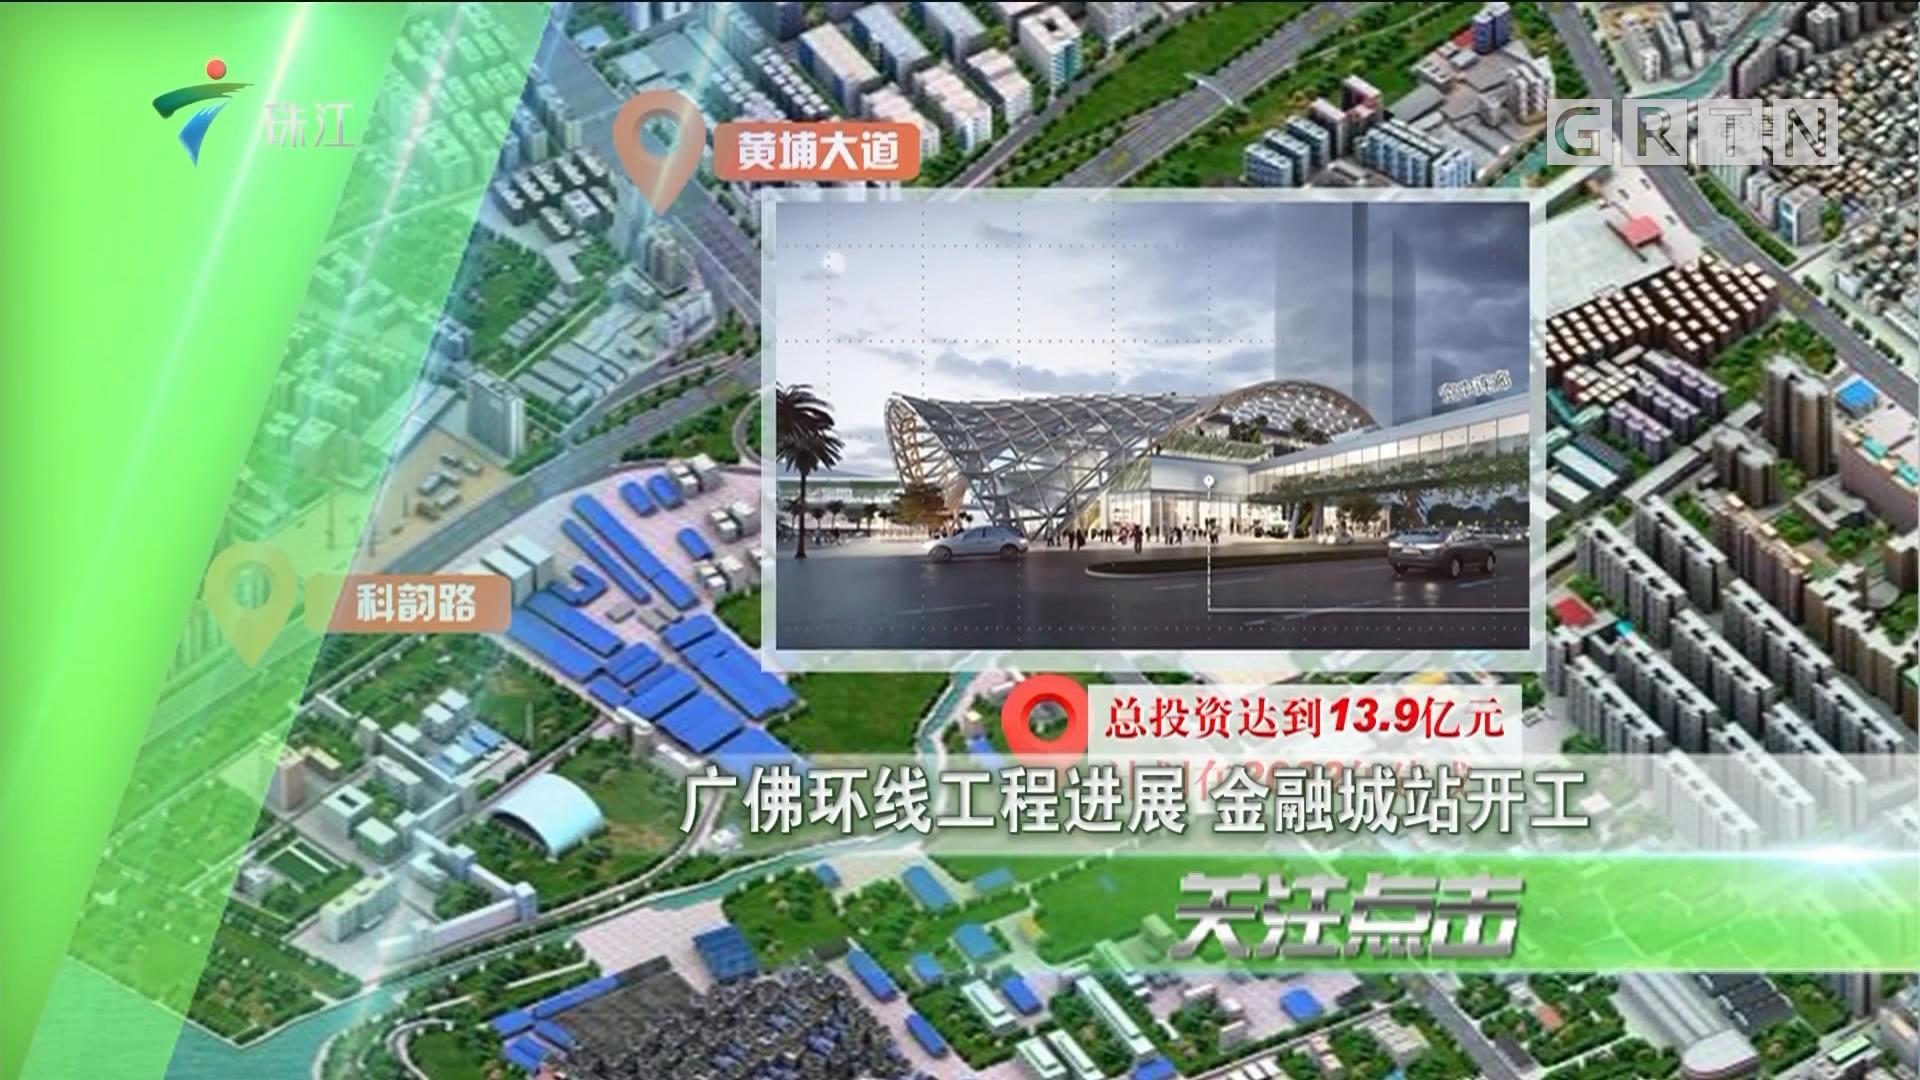 广佛环线工程进展 金融城站开工